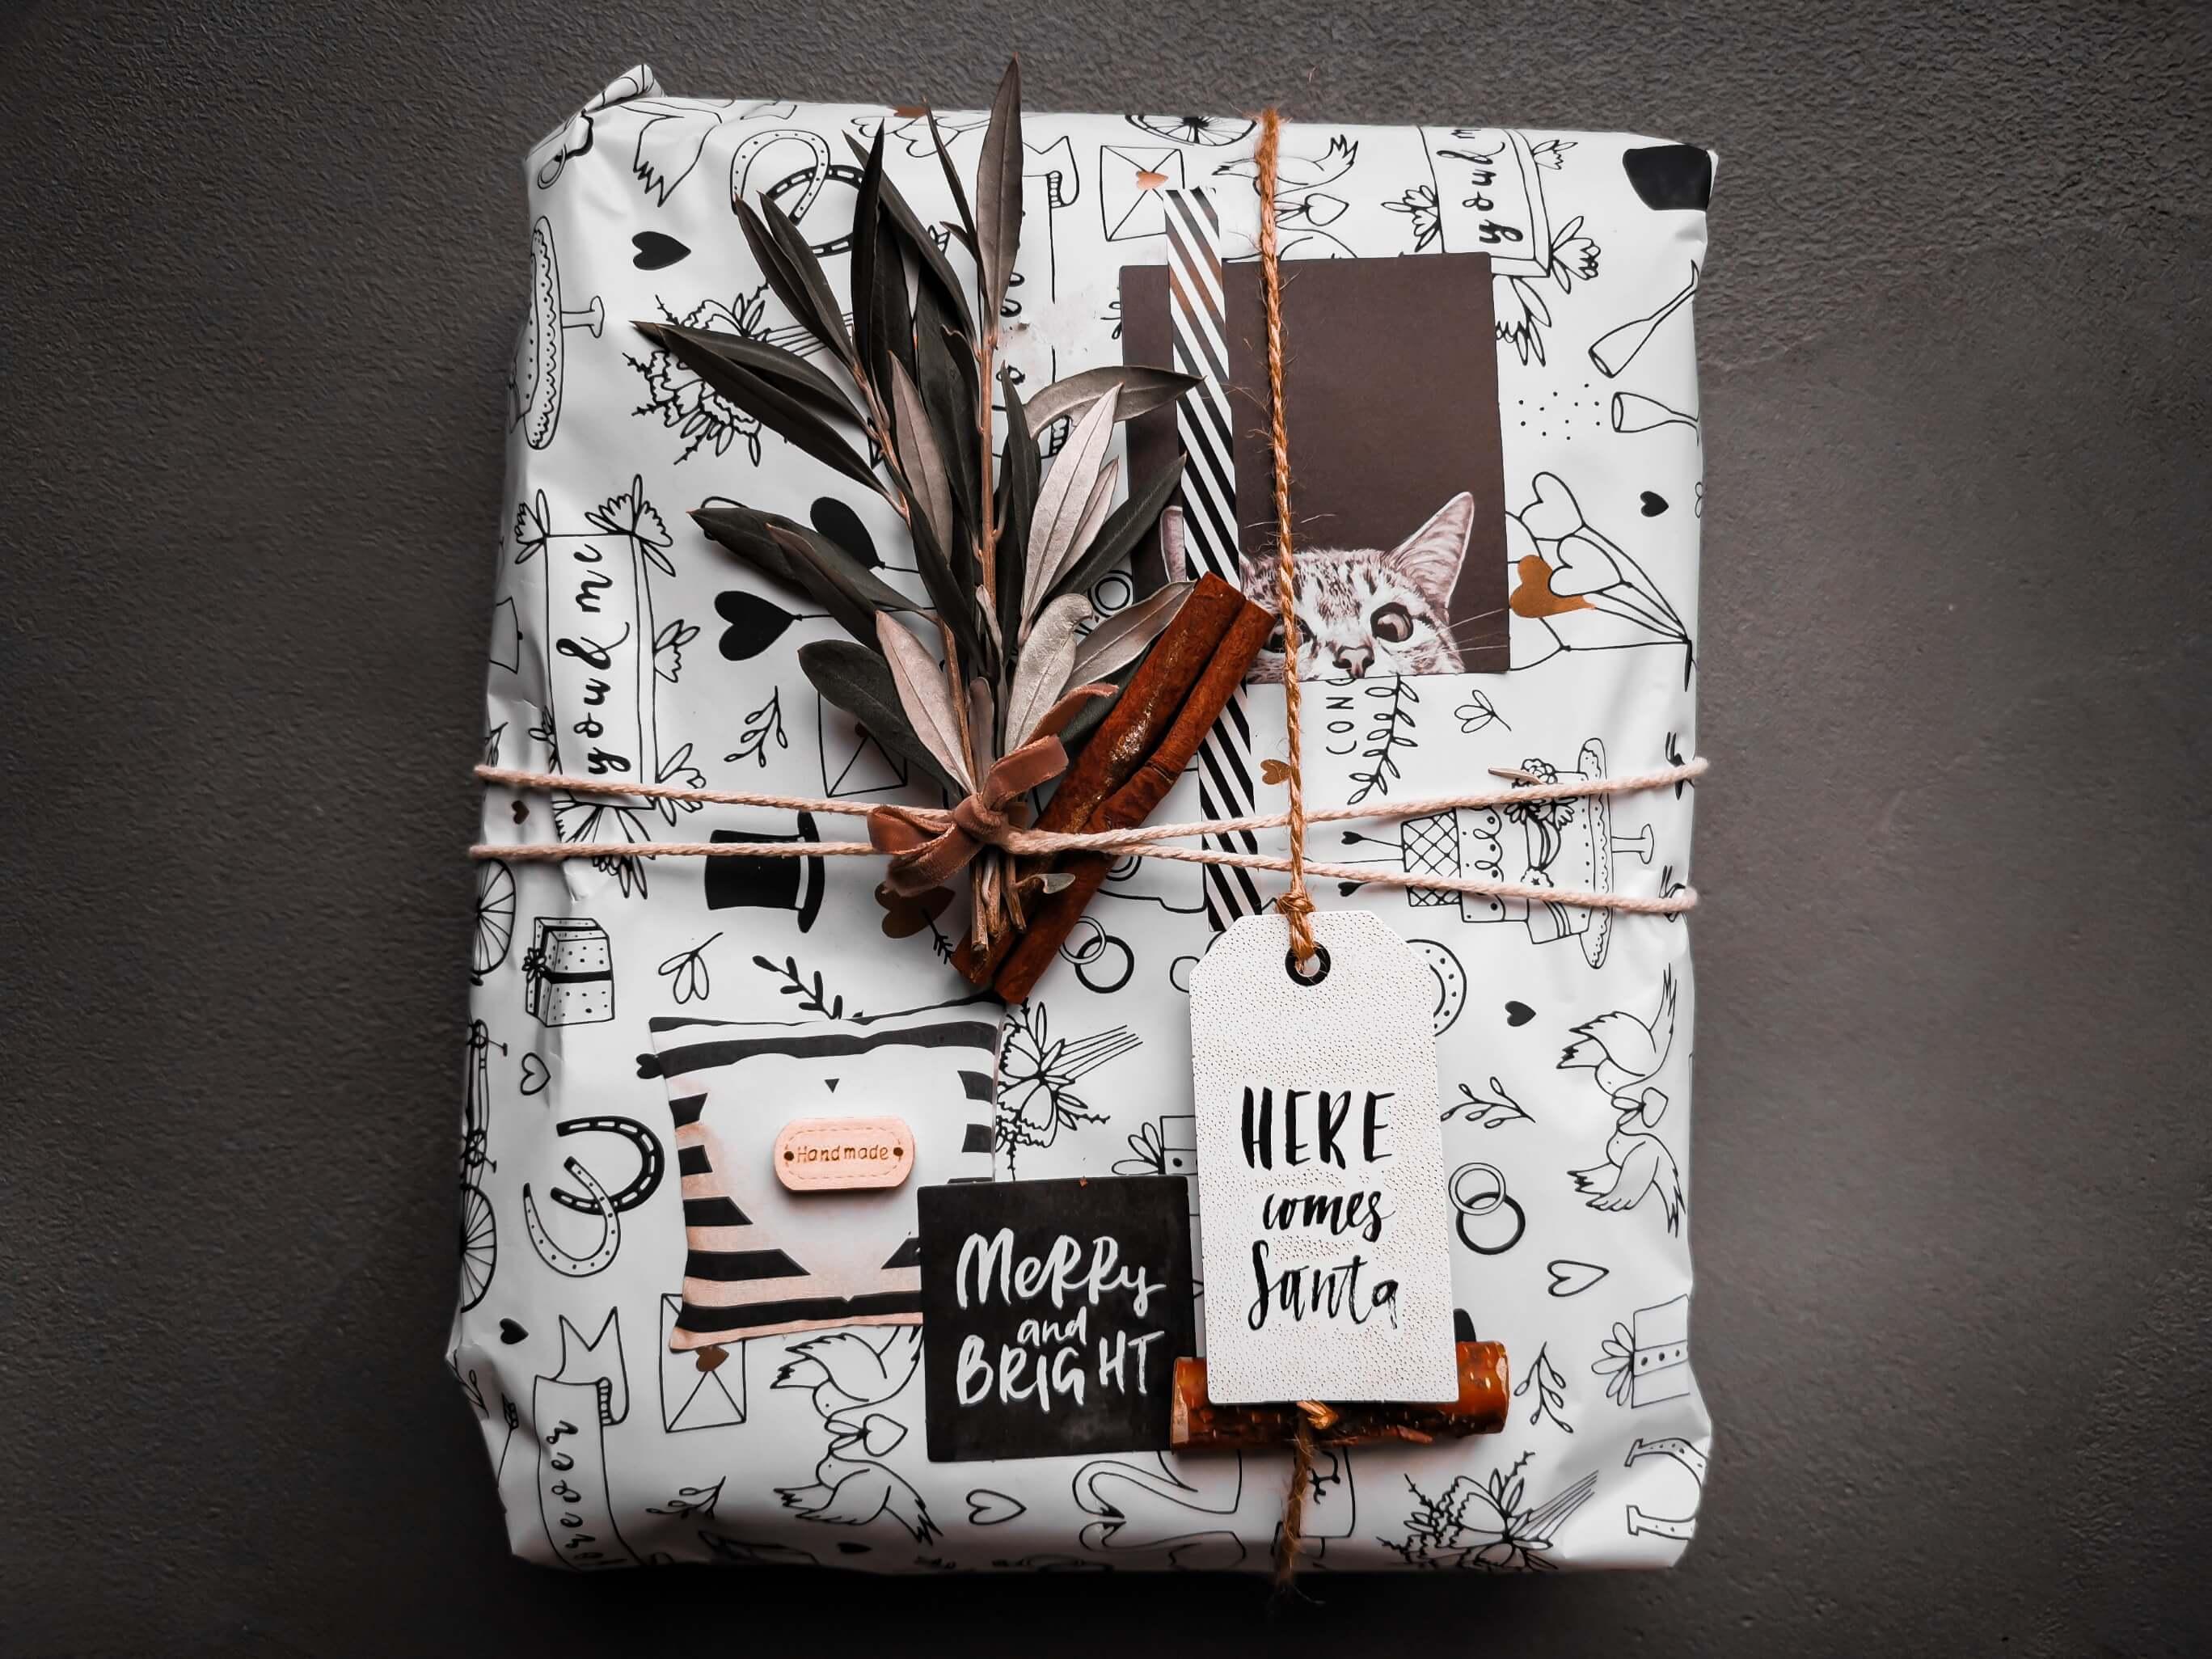 IMG 20191207 112632 resized 20191208 060253348 - Geschenke verpacken: 11 kreative Tipps zum Selbermachen